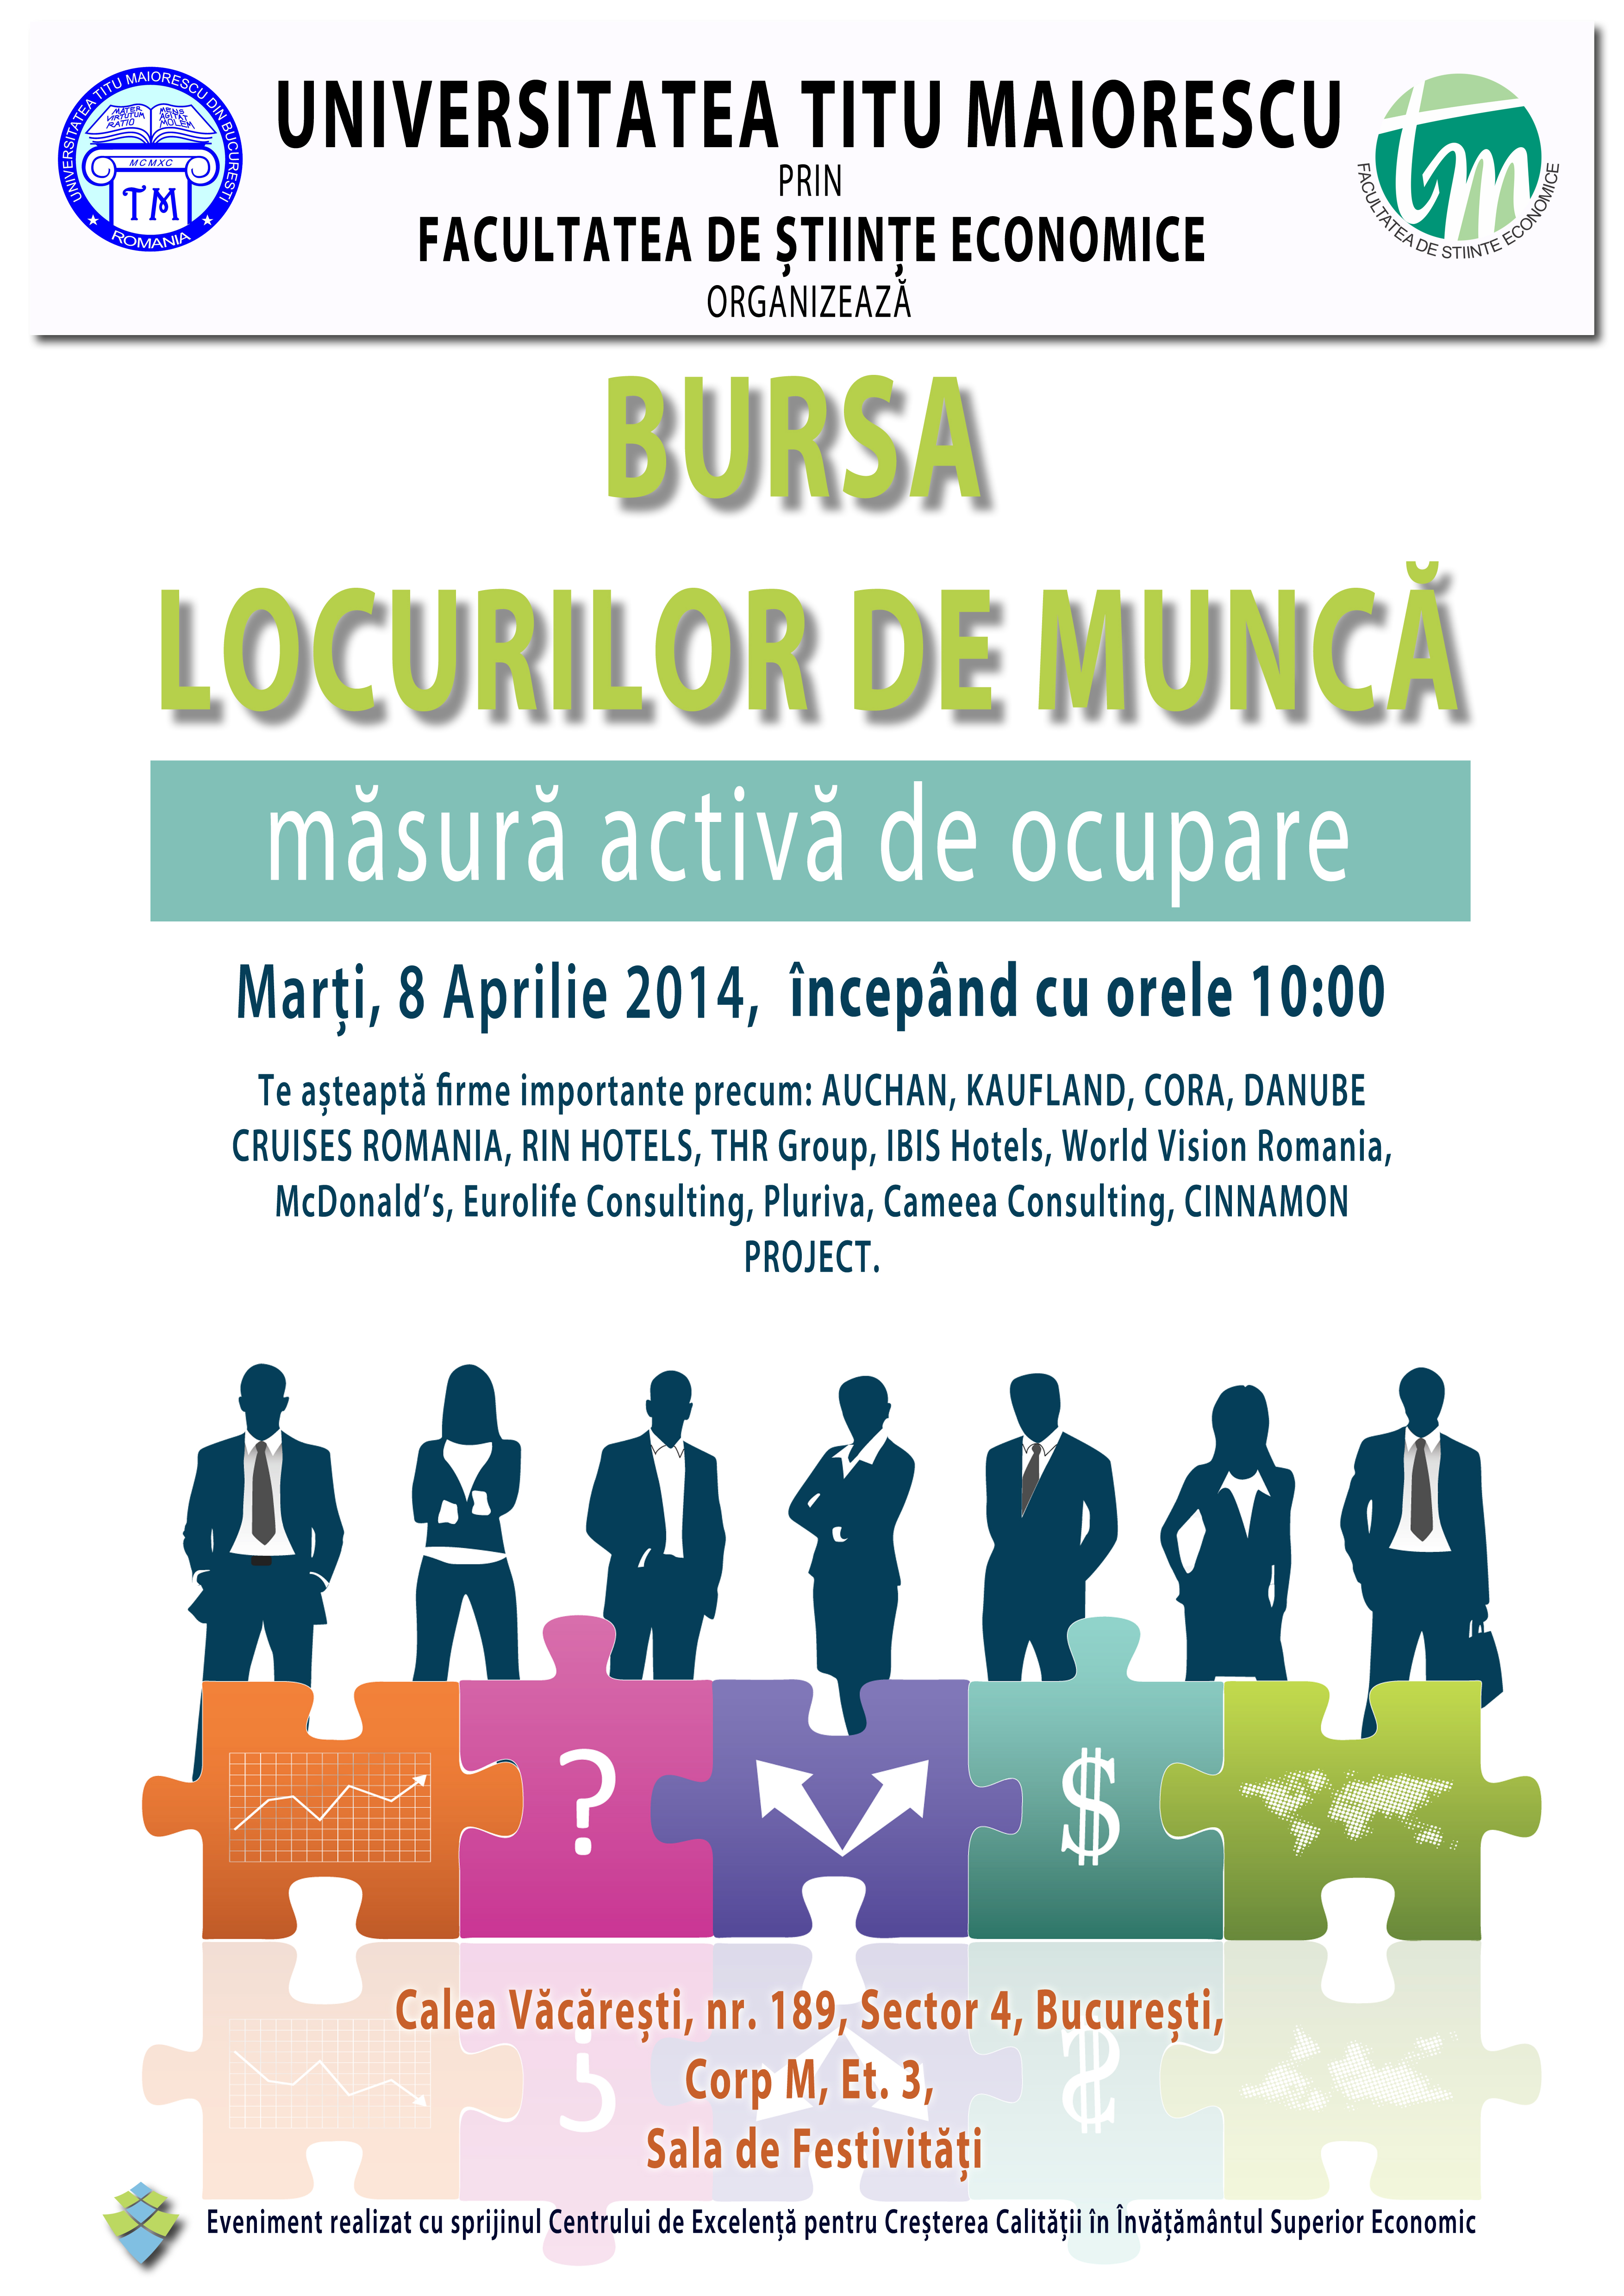 poster - Bursa locurilor de munca